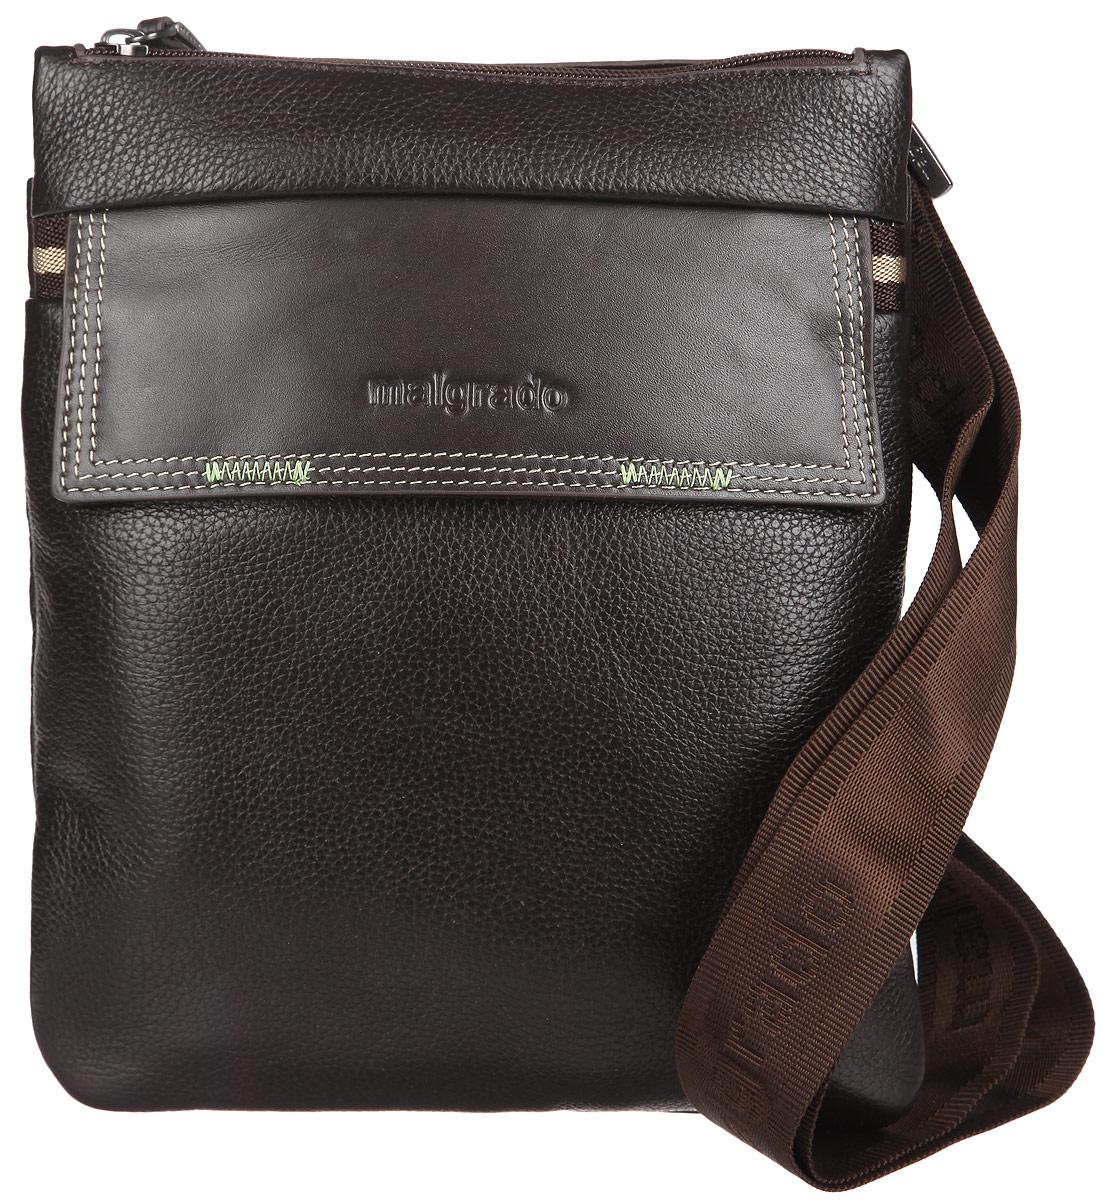 Сумка мужская Malgrado, цвет: коричневый. BR09-673BR09-673 brownСтильная мужская сумка Malgrado, выполнена из натуральной кожи с зернистой фактурой и оформлена металлической фурнитурой и символикой бренда. Изделие содержит одно основное отделение, которое закрывается на молнию. Внутри сумки размещен врезной карман на молнии. Снаружи, на тыльной стороне сумки, расположен накладной карман, закрывающийся на магнит. На лицевой стороне сумки расположен накладной карман, который закрывается клапаном на магниты. Изделие дополнено практичным плечевым ремнем регулируемой длины. Практичный аксессуар позволит вам завершить образ.